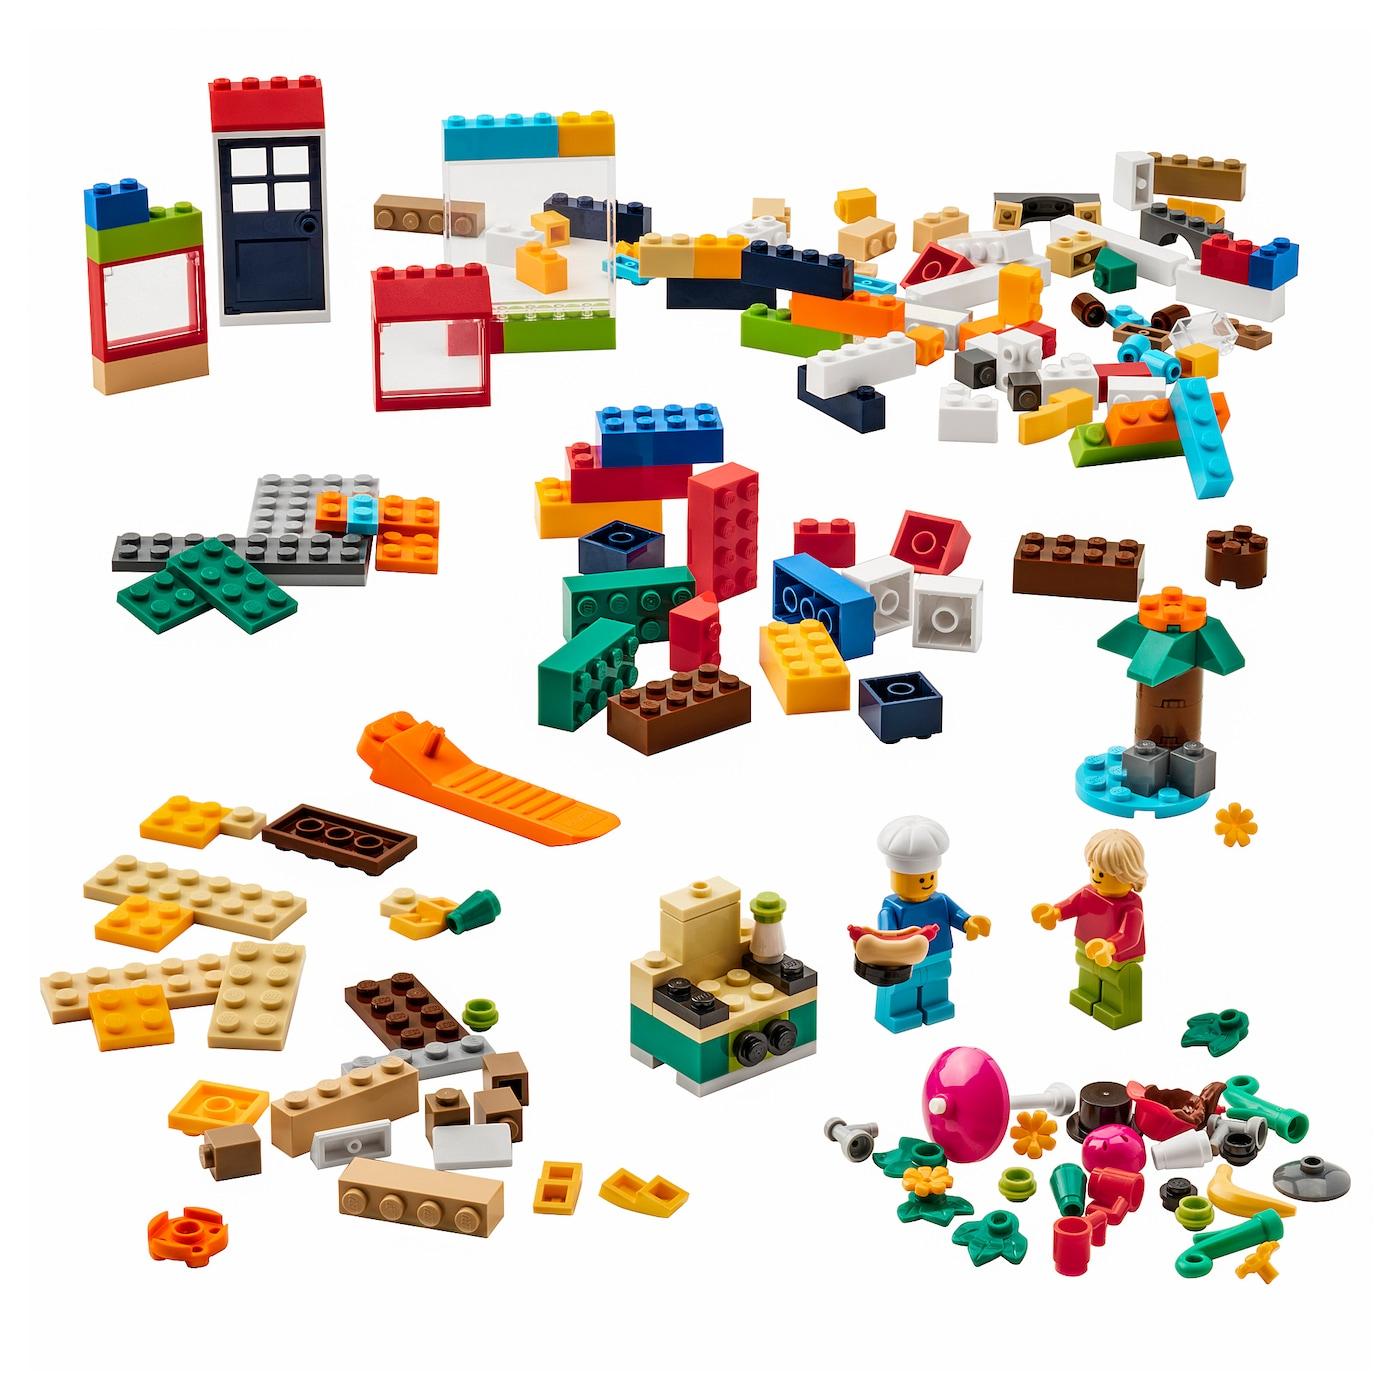 BYGGLEK LEGO®-Steine, 201 St. - versch. Farben